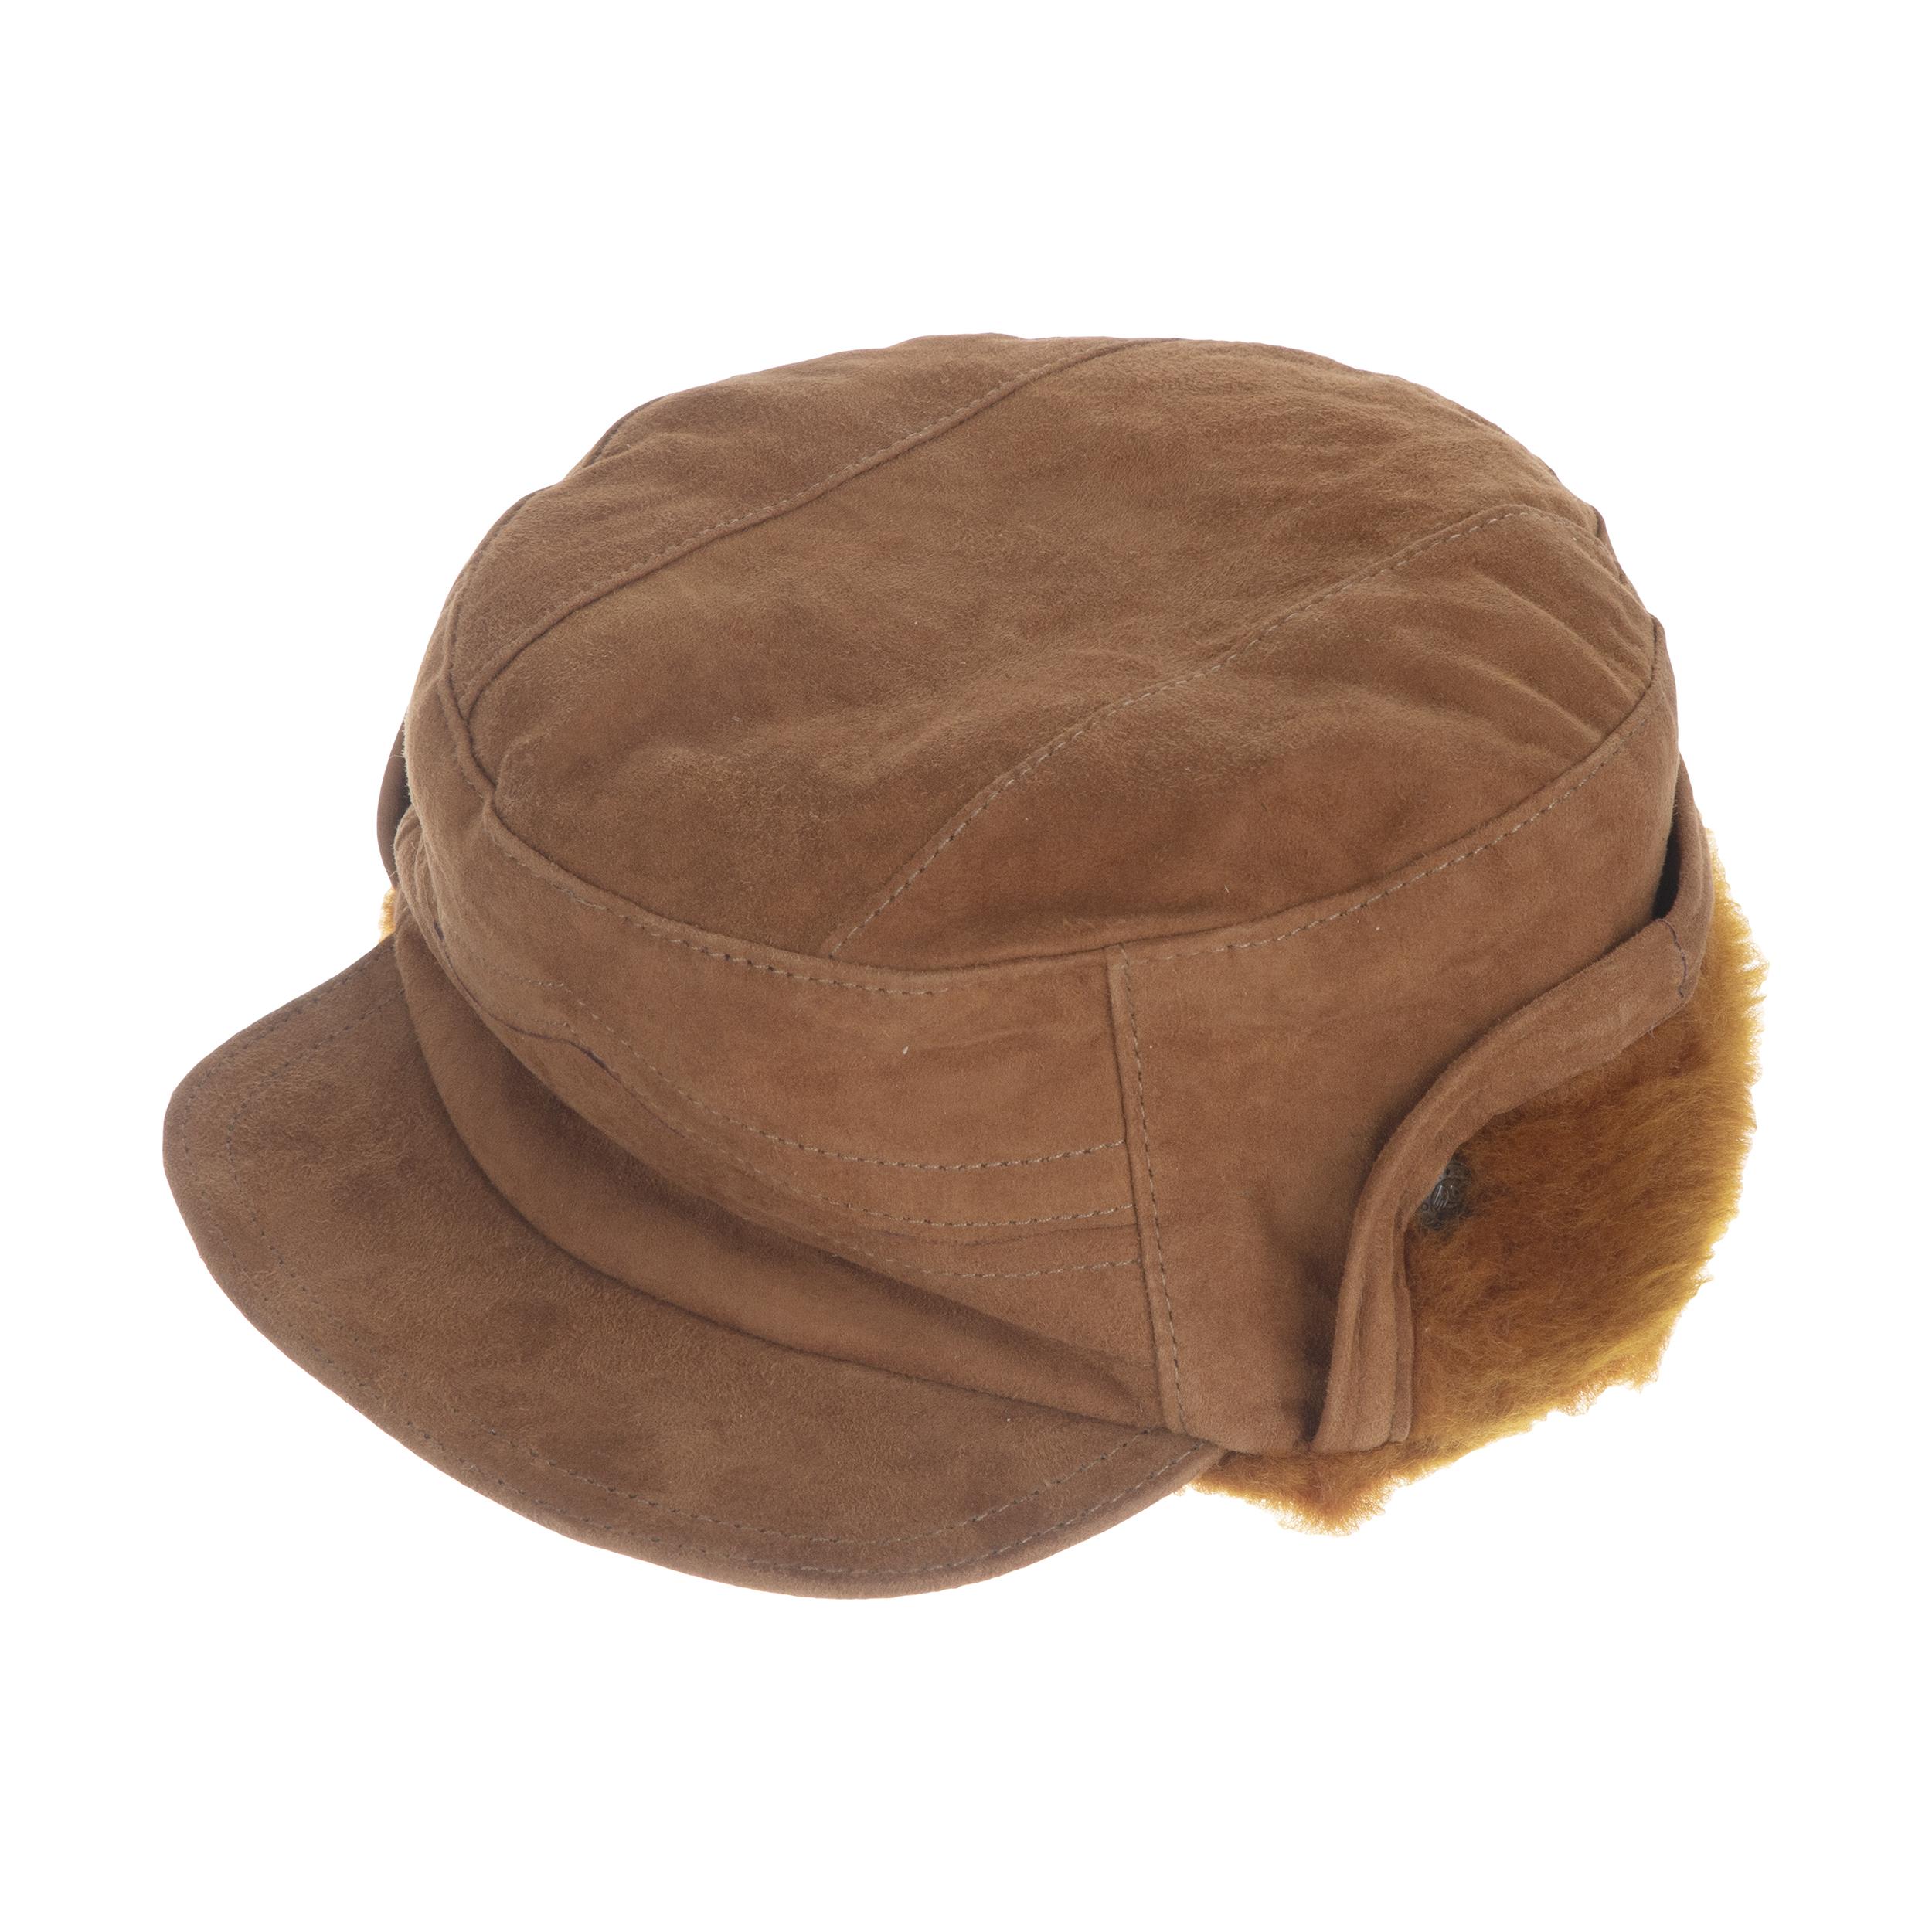 کلاه پوست و چرم کمالی مدل AK-00002